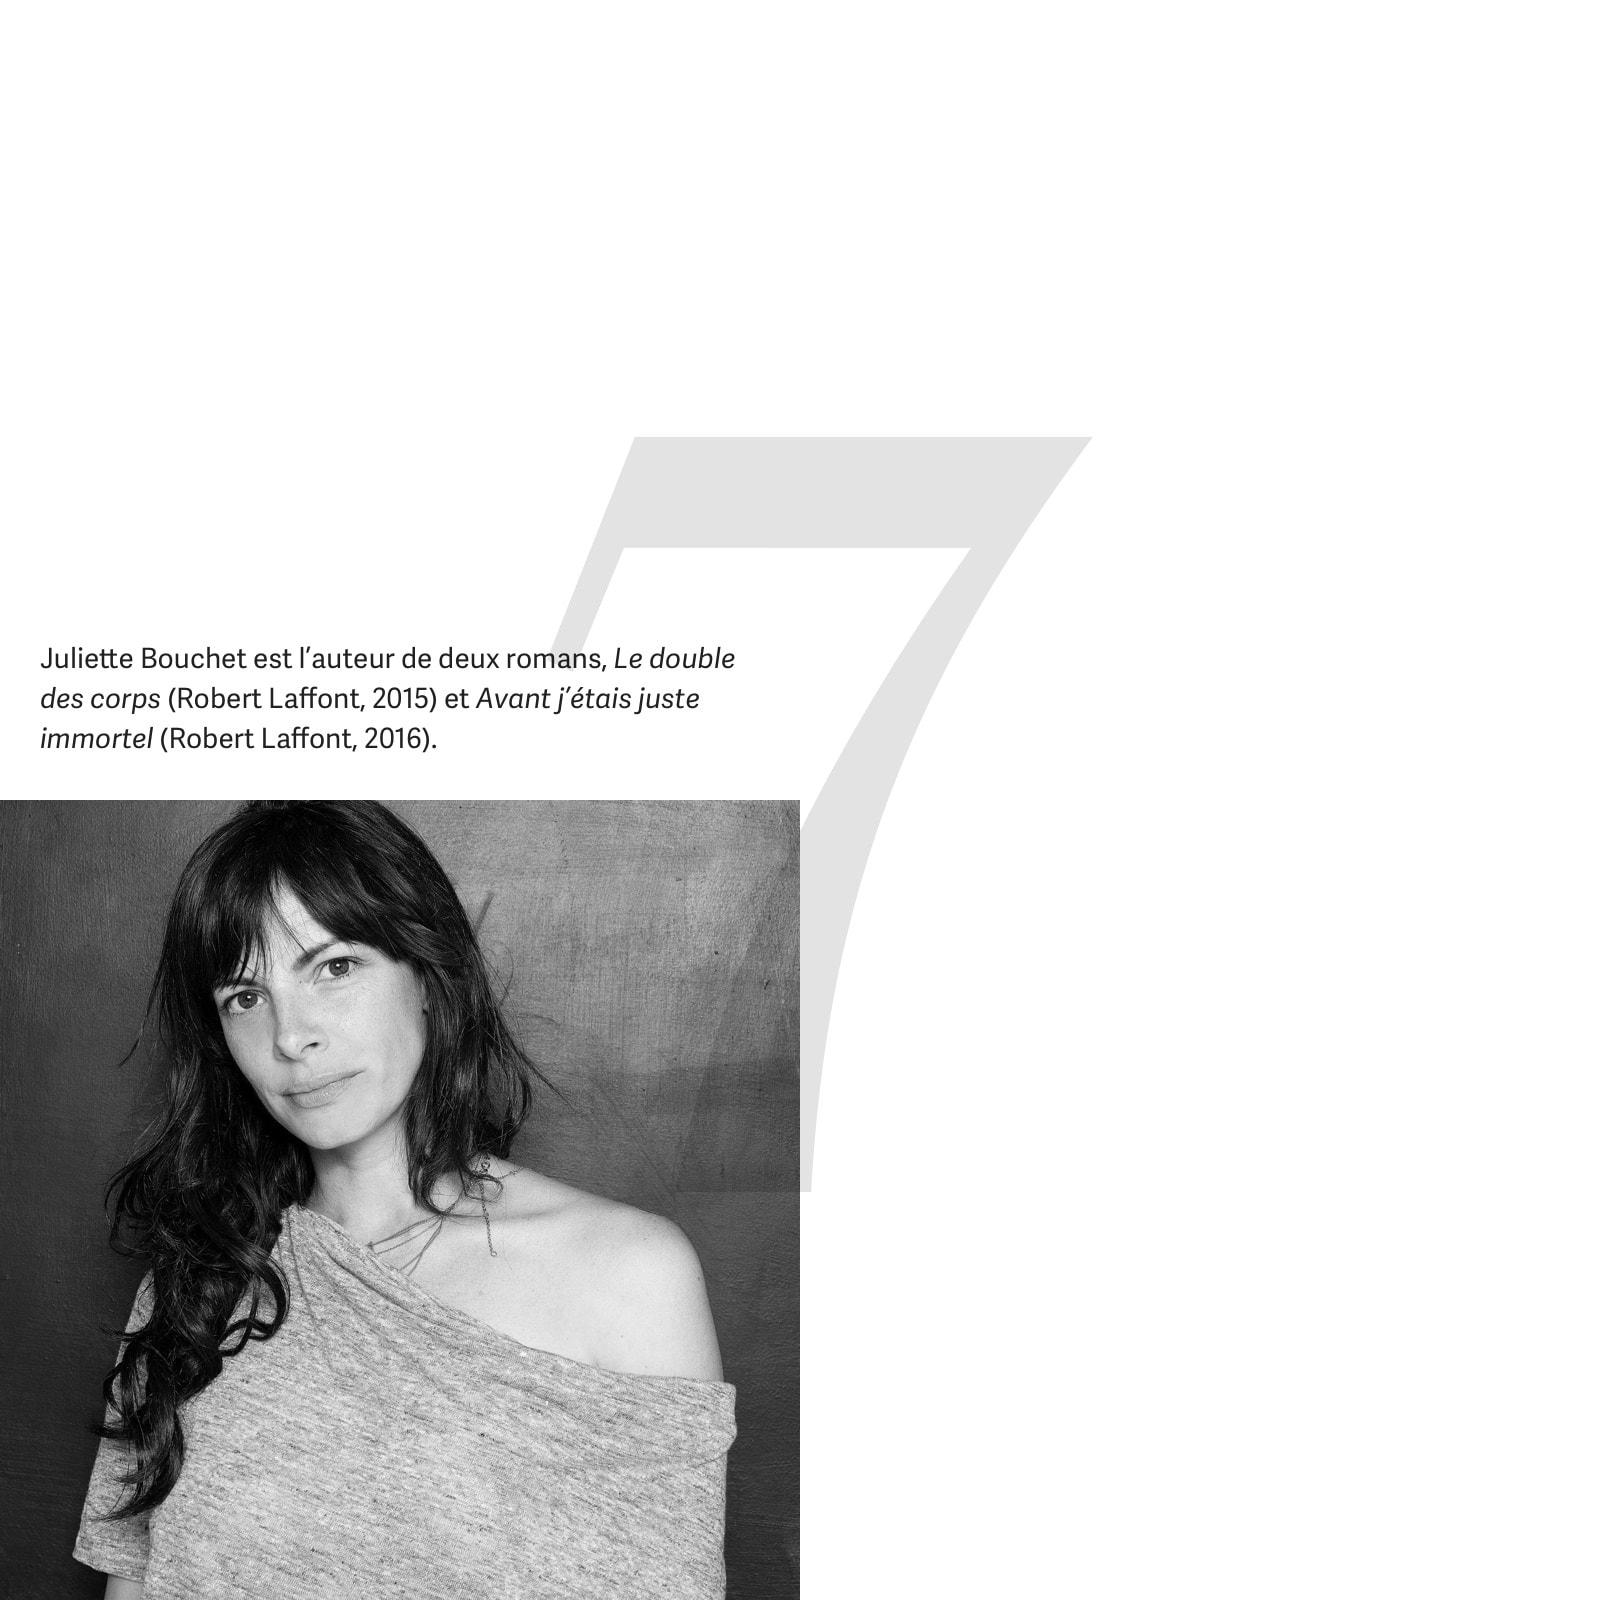 SABLEPOLAIRE_Auteurs_07@2x-1